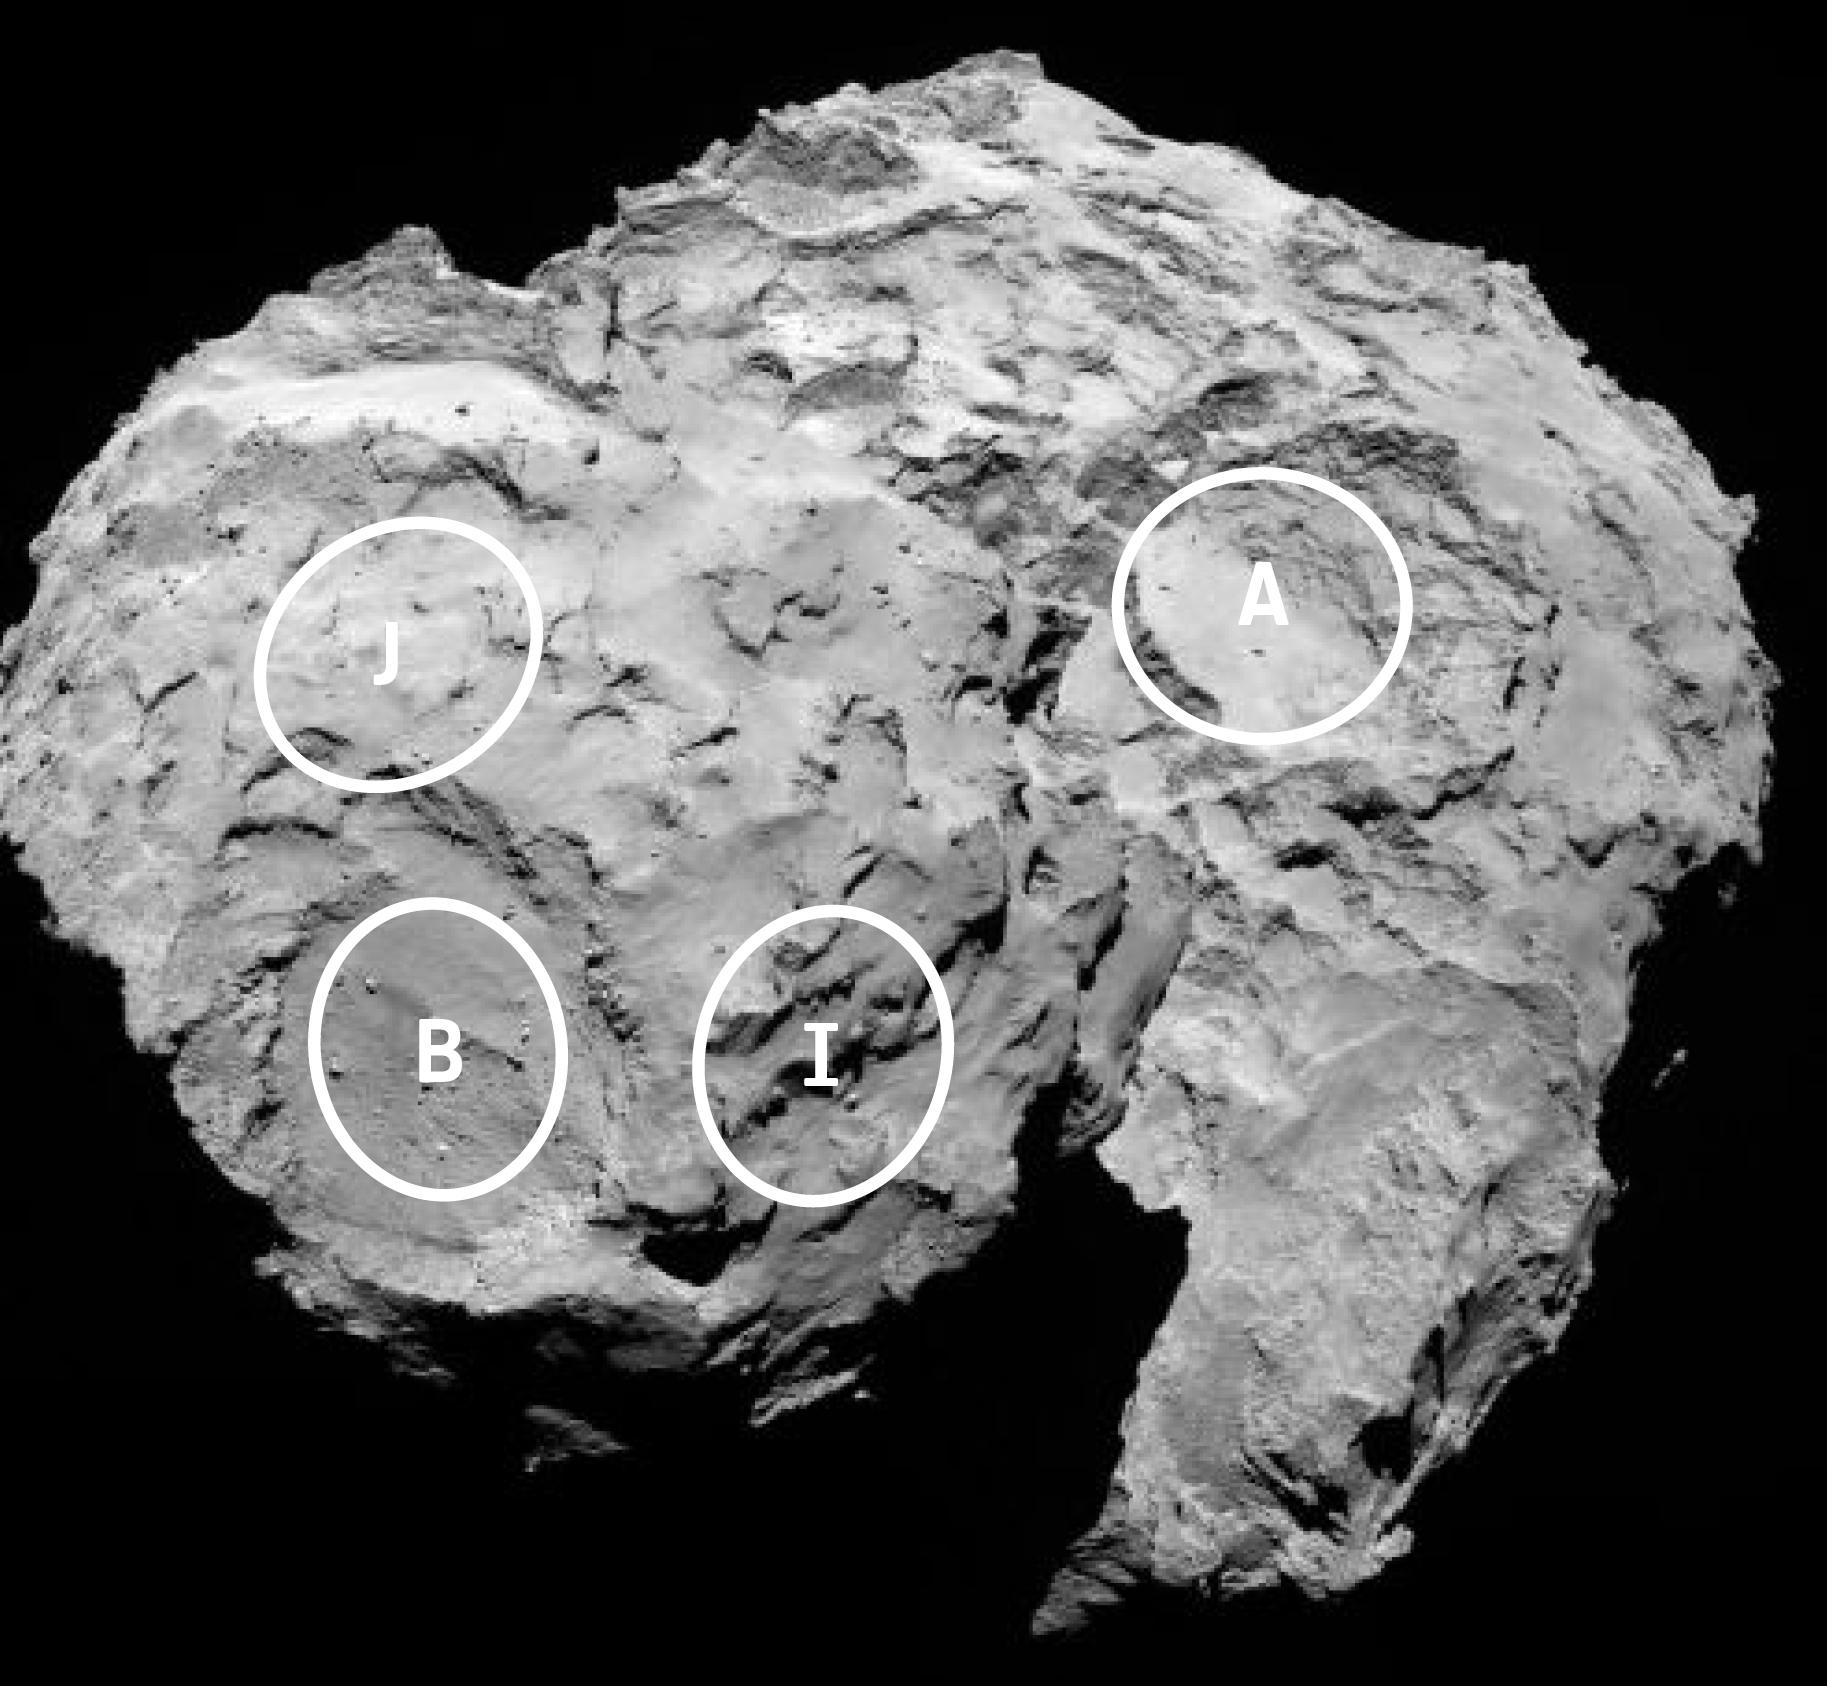 Rosetta Latest Images Image Credit Esa/rosetta